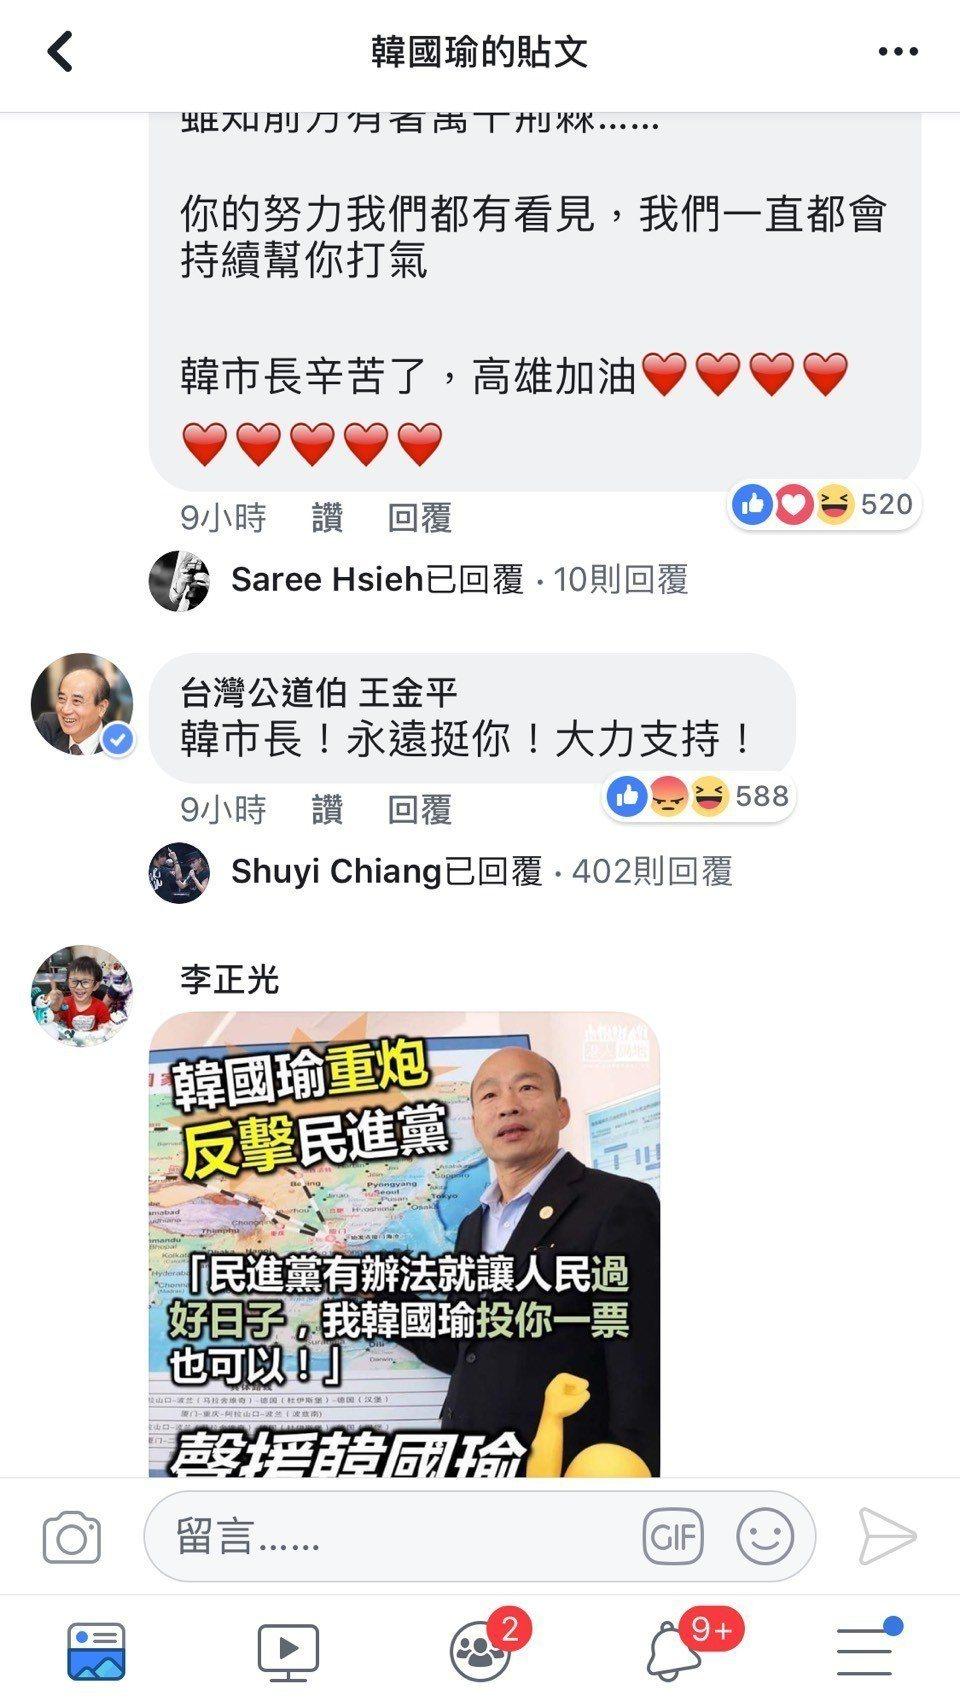 韓國瑜昨晚在臉書上的發文,引來立法院前院長王金平的留言。圖/取自韓國瑜臉書1